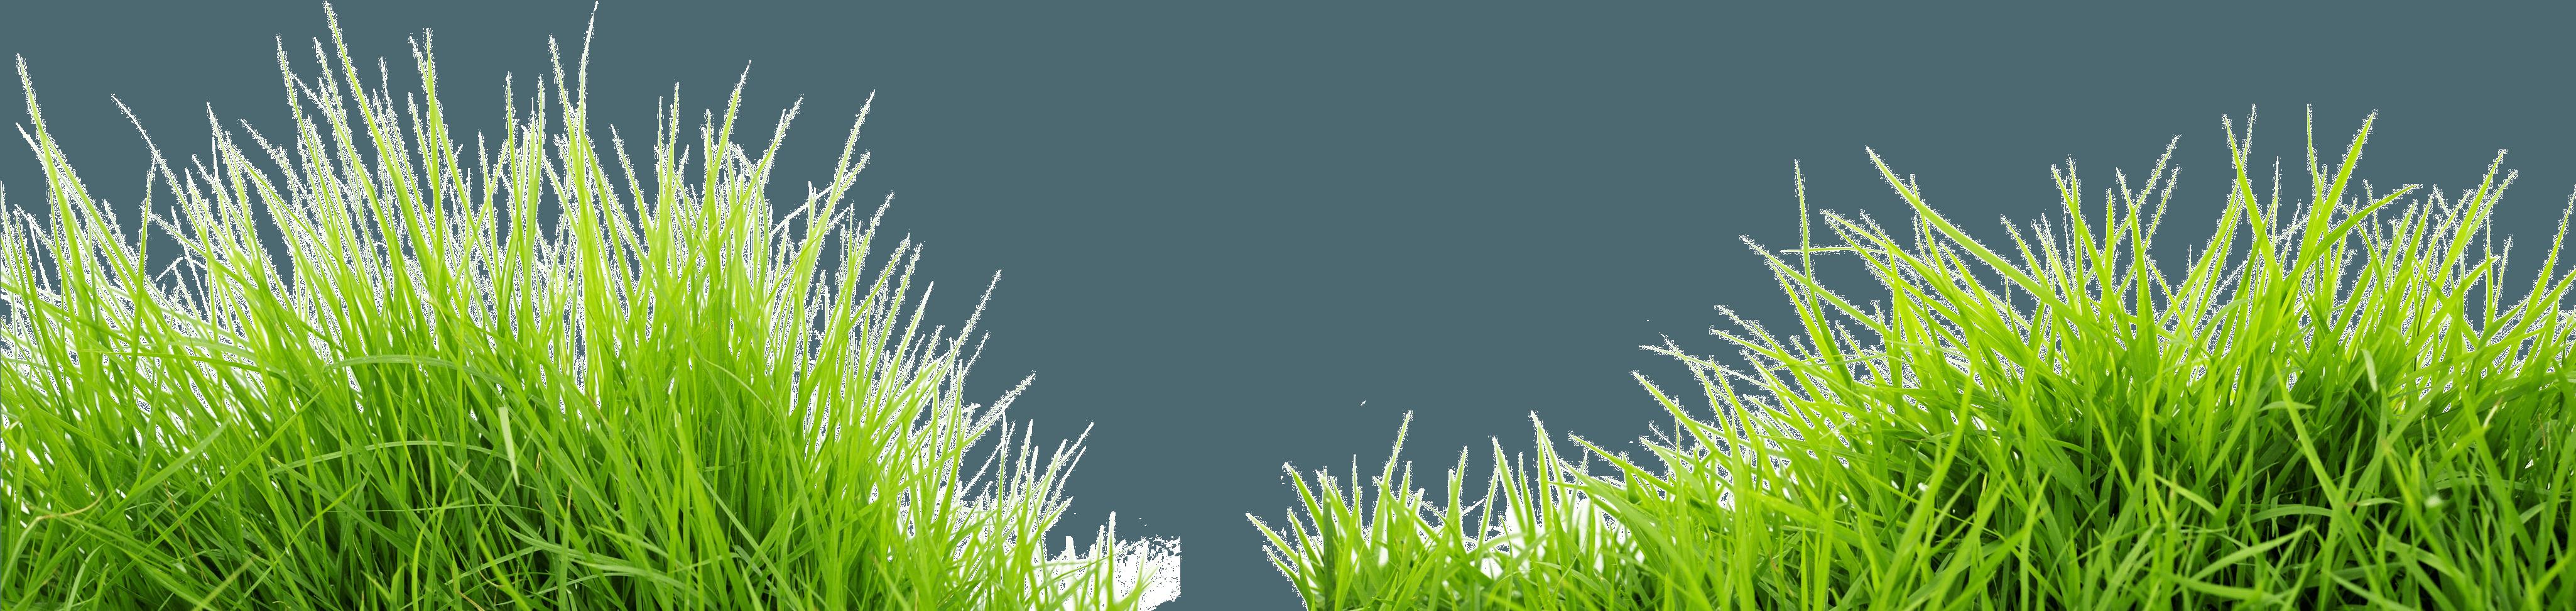 green grass png - HD4101×972